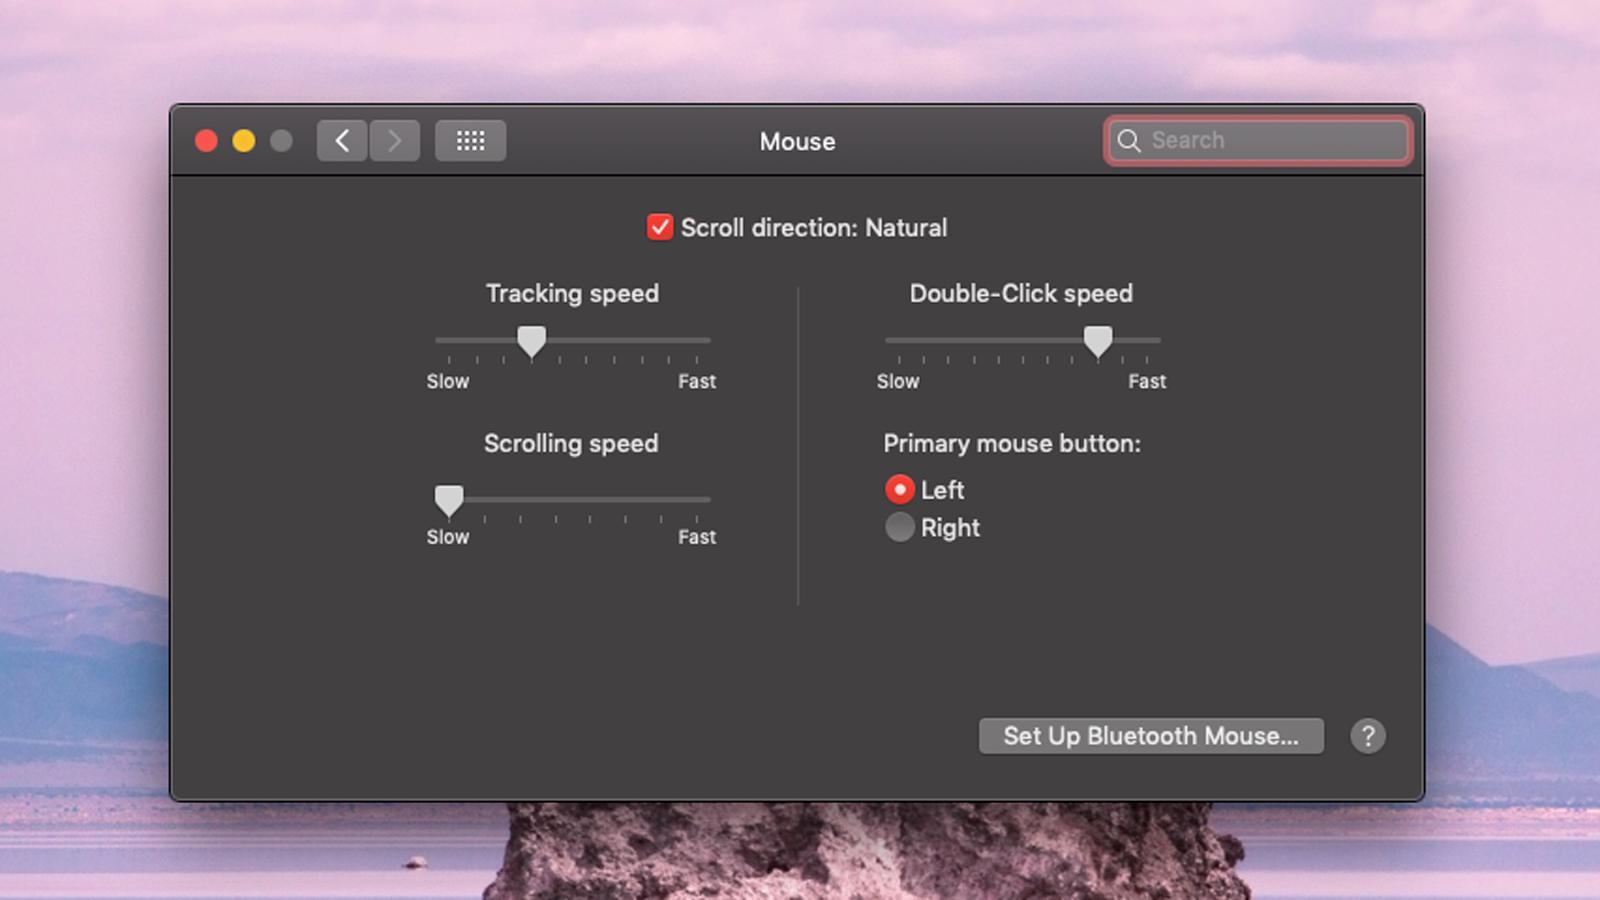 Cómo verificar el DPI de su mouse en Mac: configuración del mouse de macOS